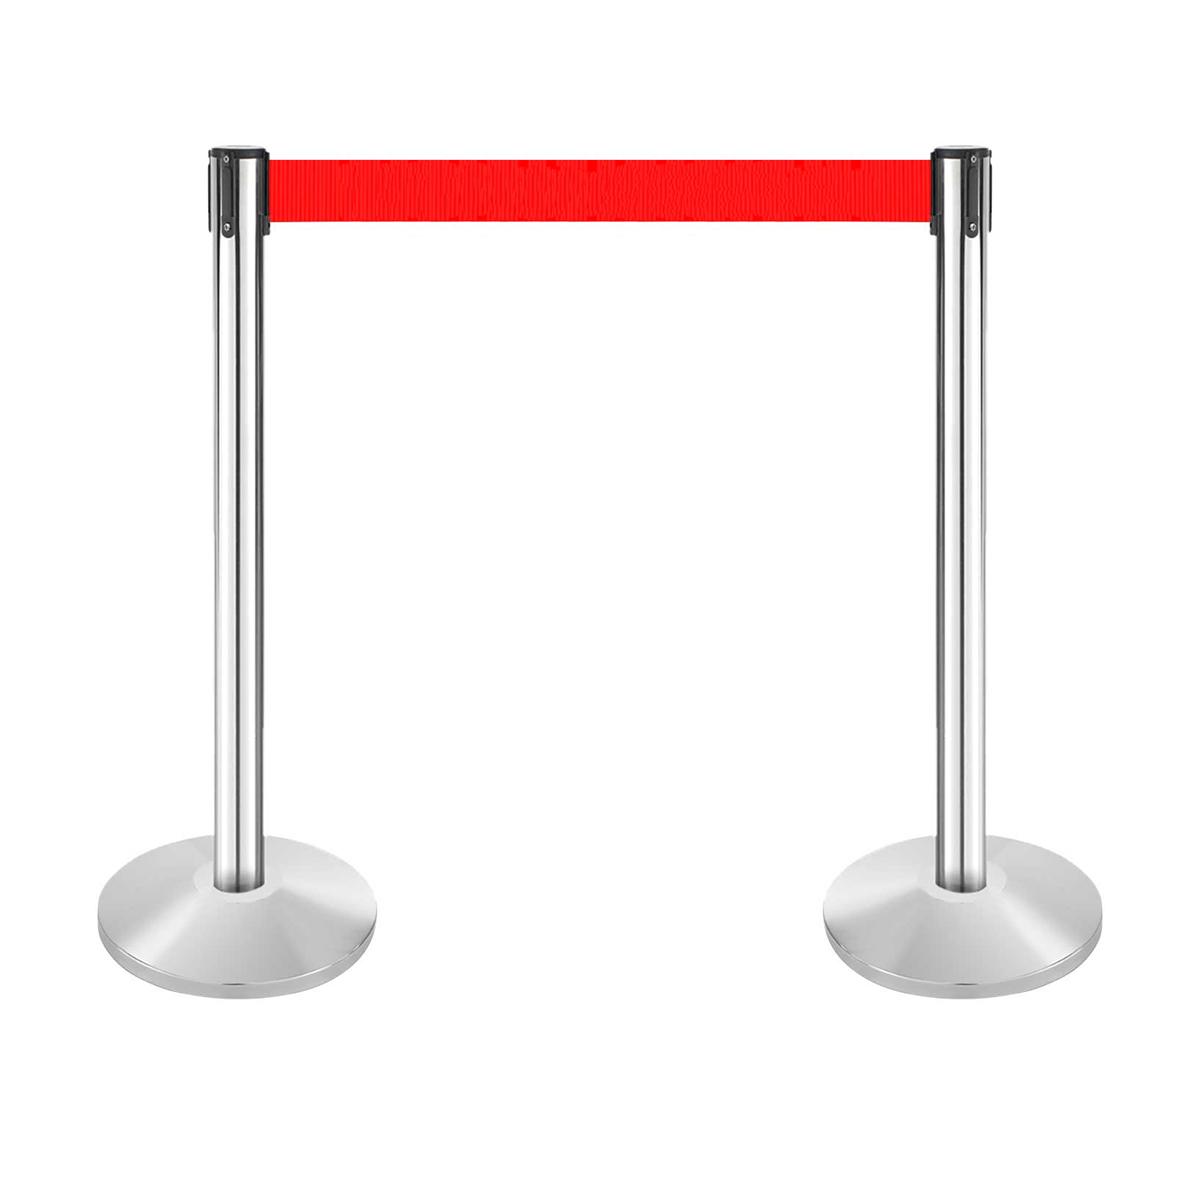 Stâlp pentru delimitare trafic, CROMAT, cu bandă roșie de 180 cm, retractabilă, JJ DISPLAYS